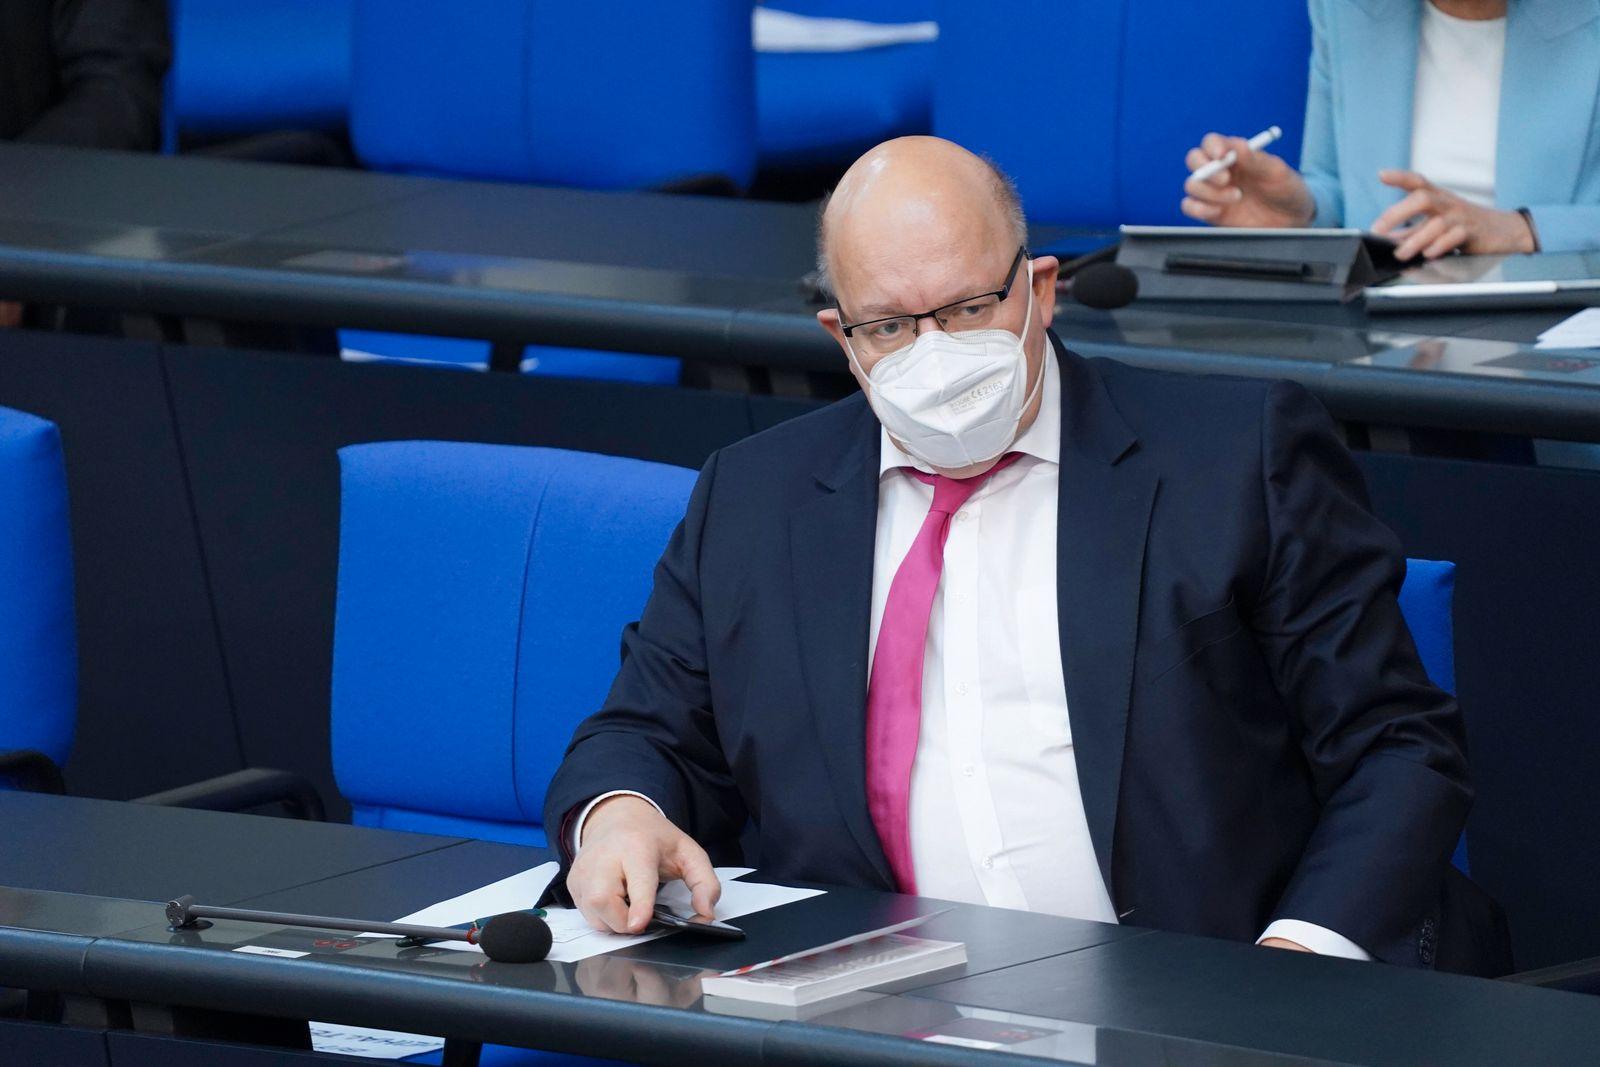 Deutscher Bundestag, 231. Sitzung Plenum und Debatte Aktuell, 21.05.2021, Berlin, Peter Altmaier der Bundesminister fue